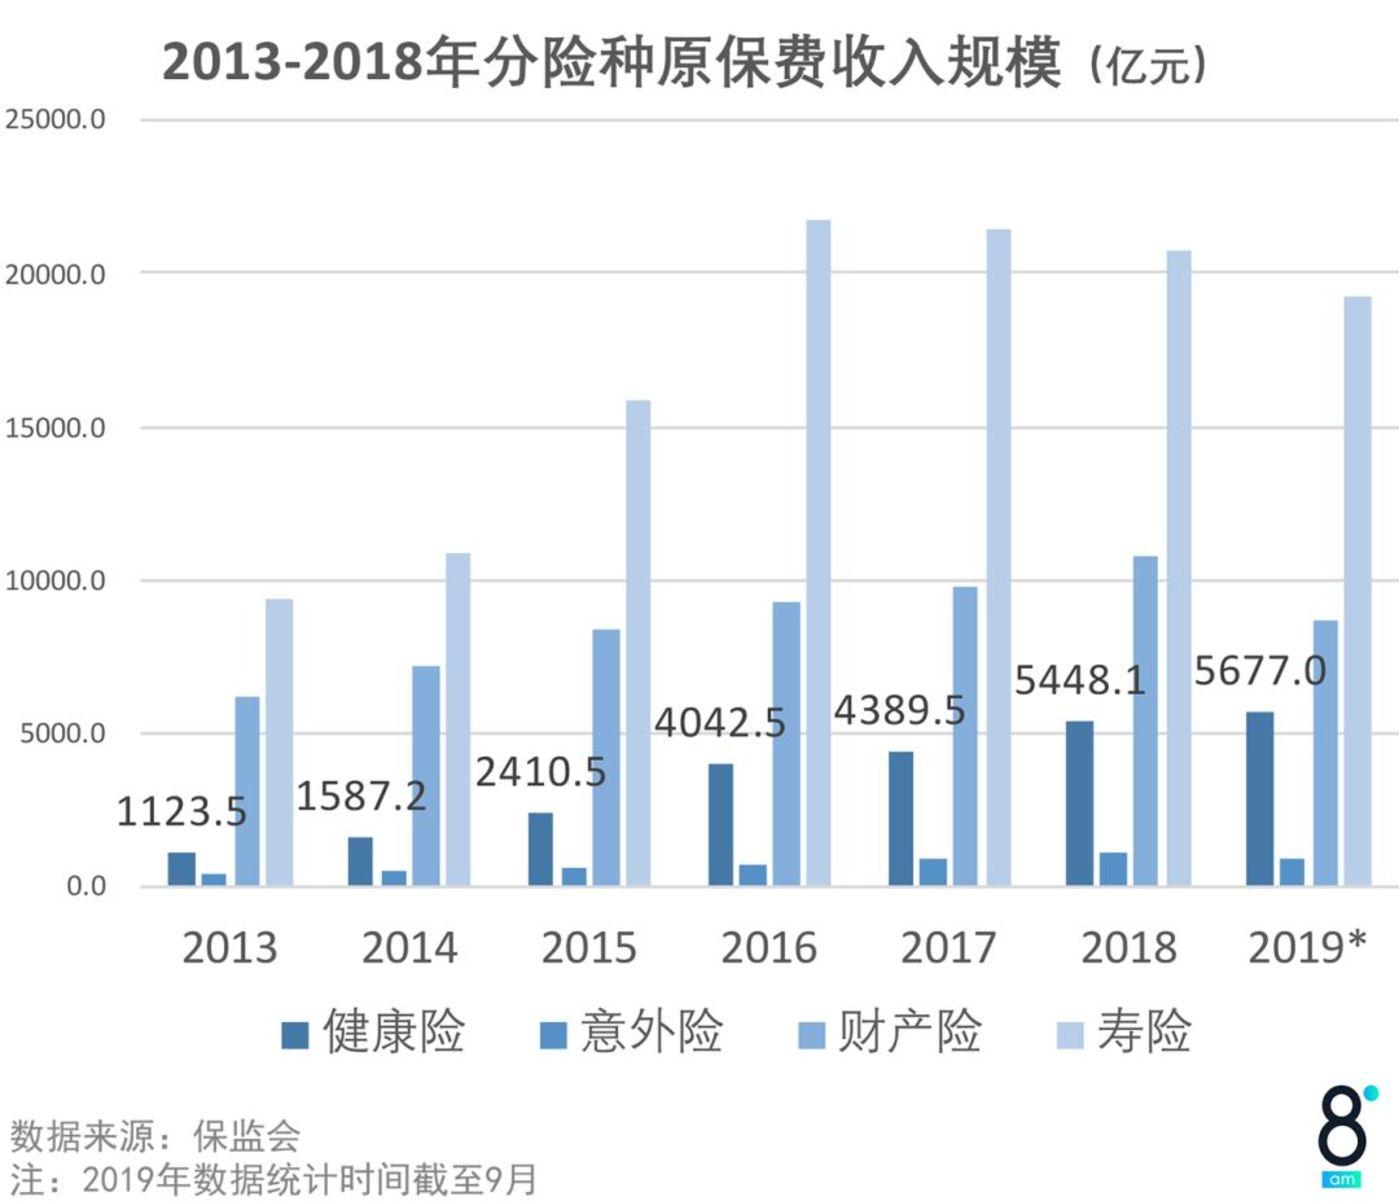 美性中文手机端下载 越来越多人不在厨房装橱柜了,回家直接用水泥砌,太聪明了